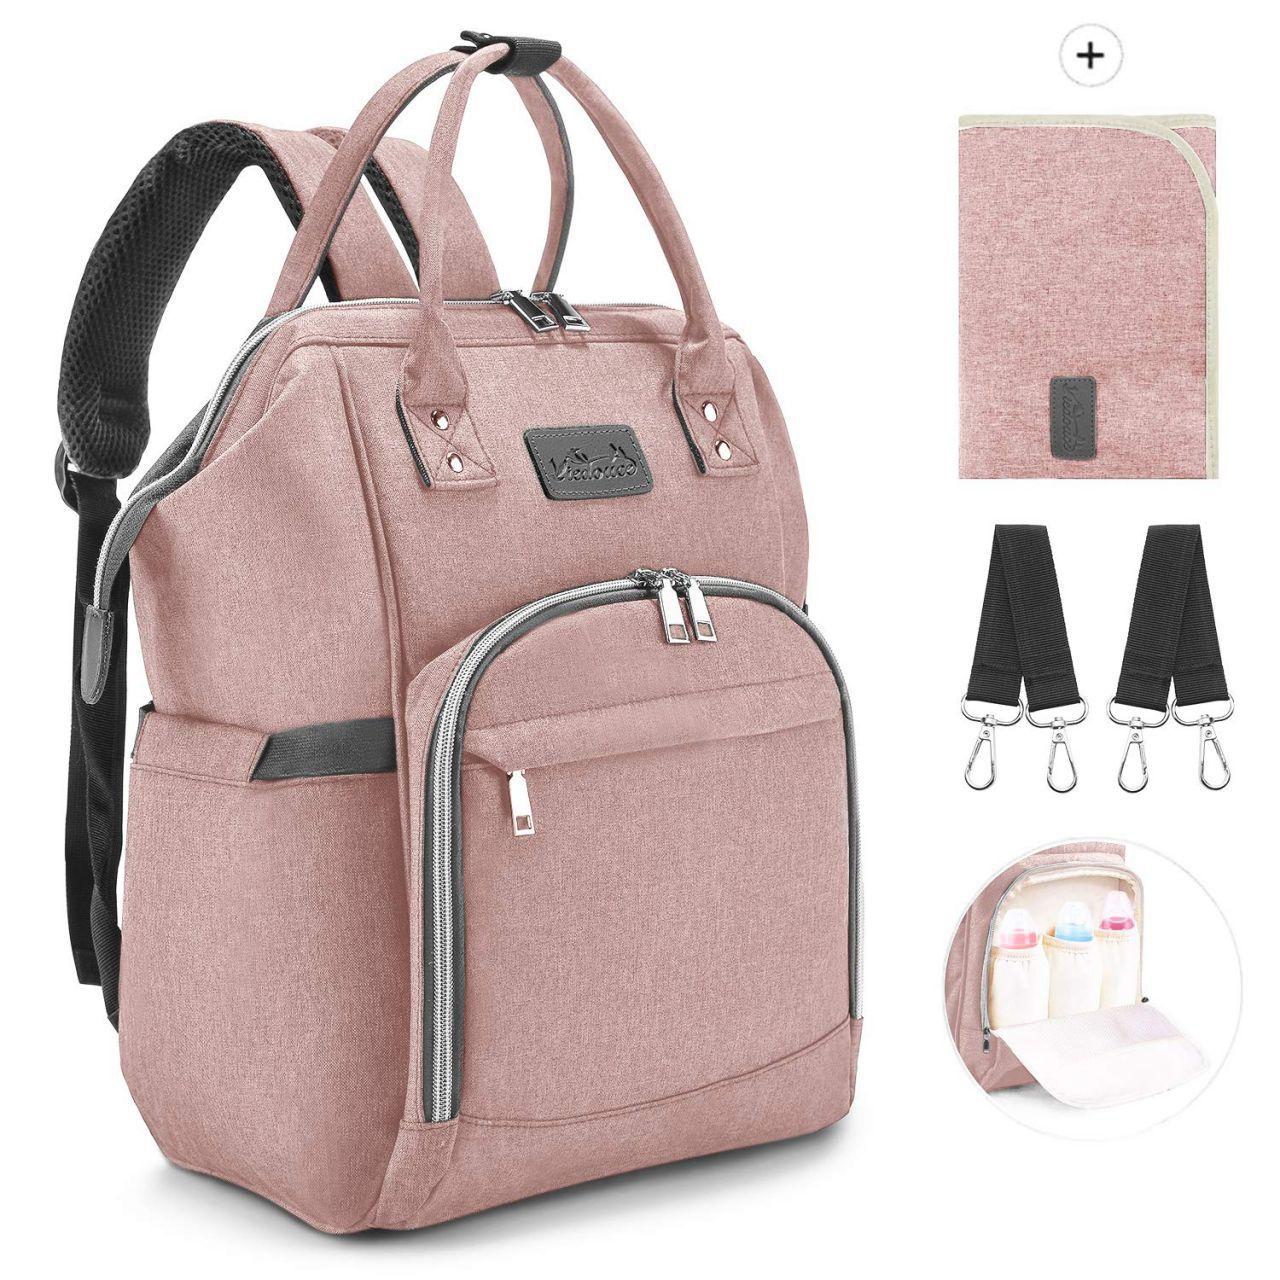 Comment assurer votre confort avec un sac à dos à langer ?